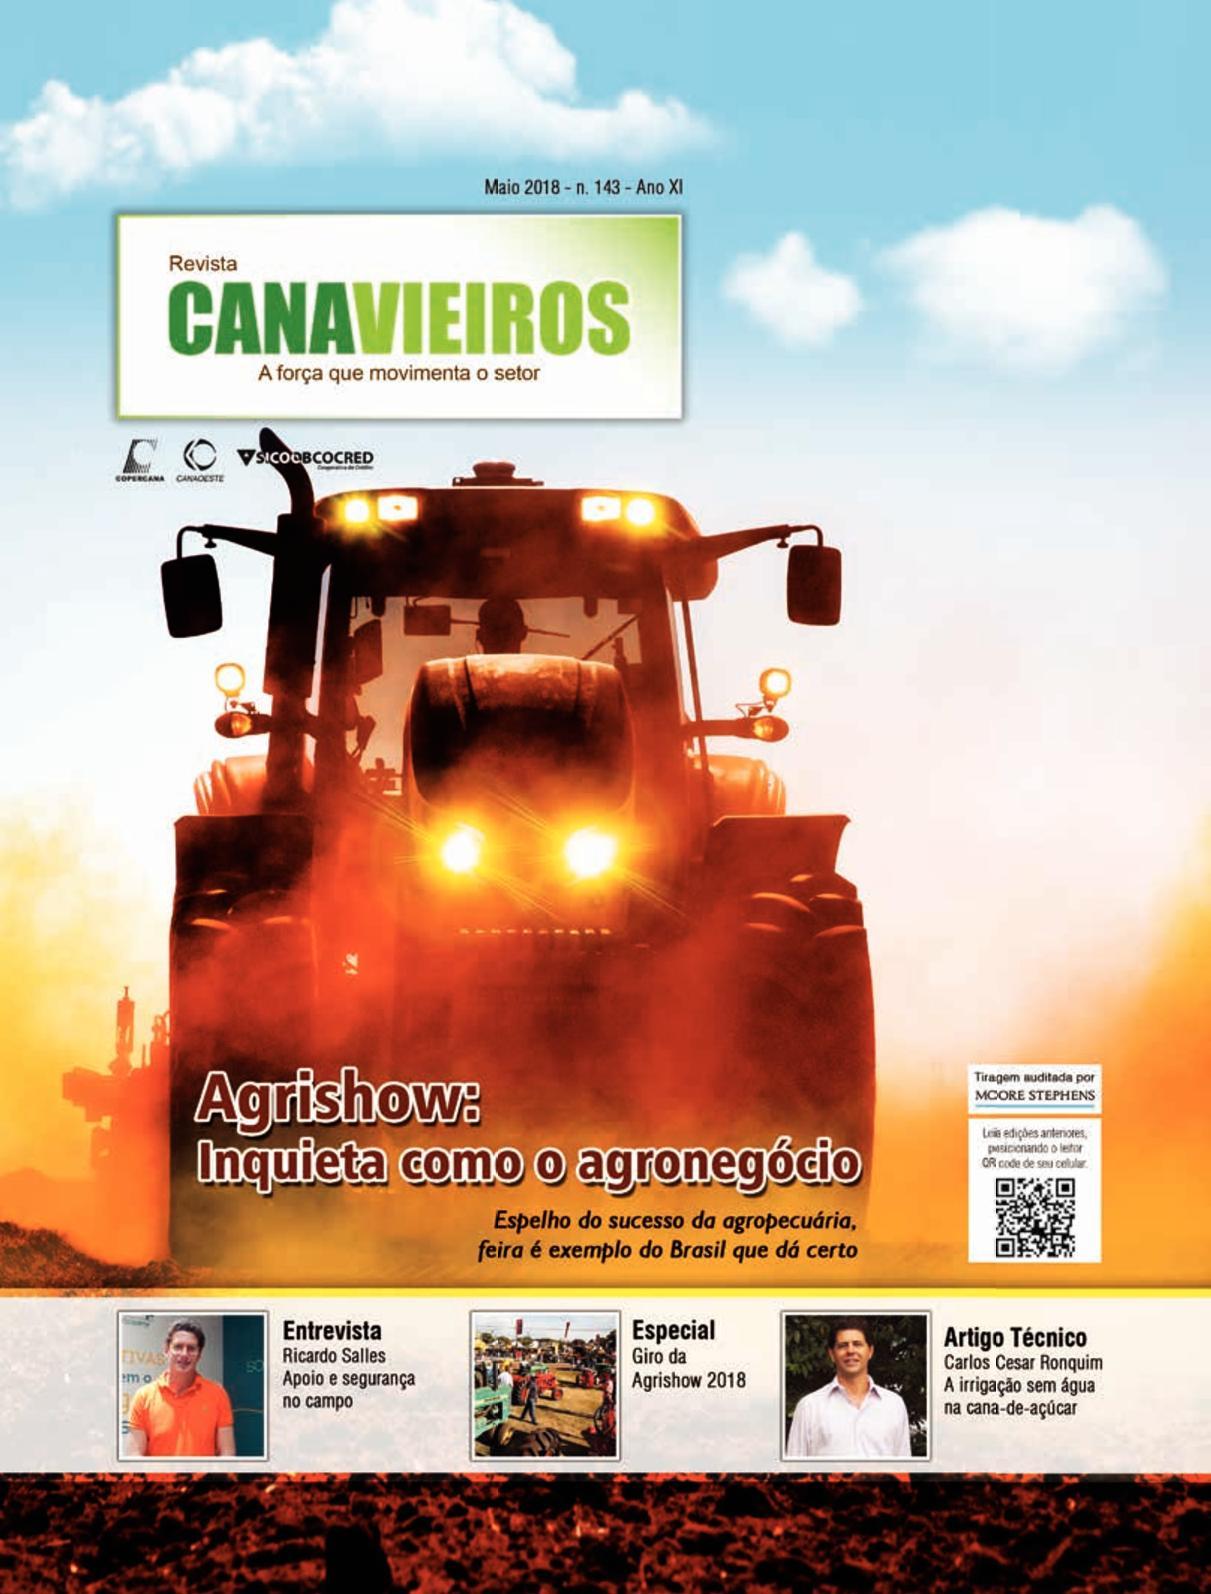 a8f49871510d6 Calaméo - Edição 143 - Maio 2018 - Agrishow  Inquieta como o agronegócio